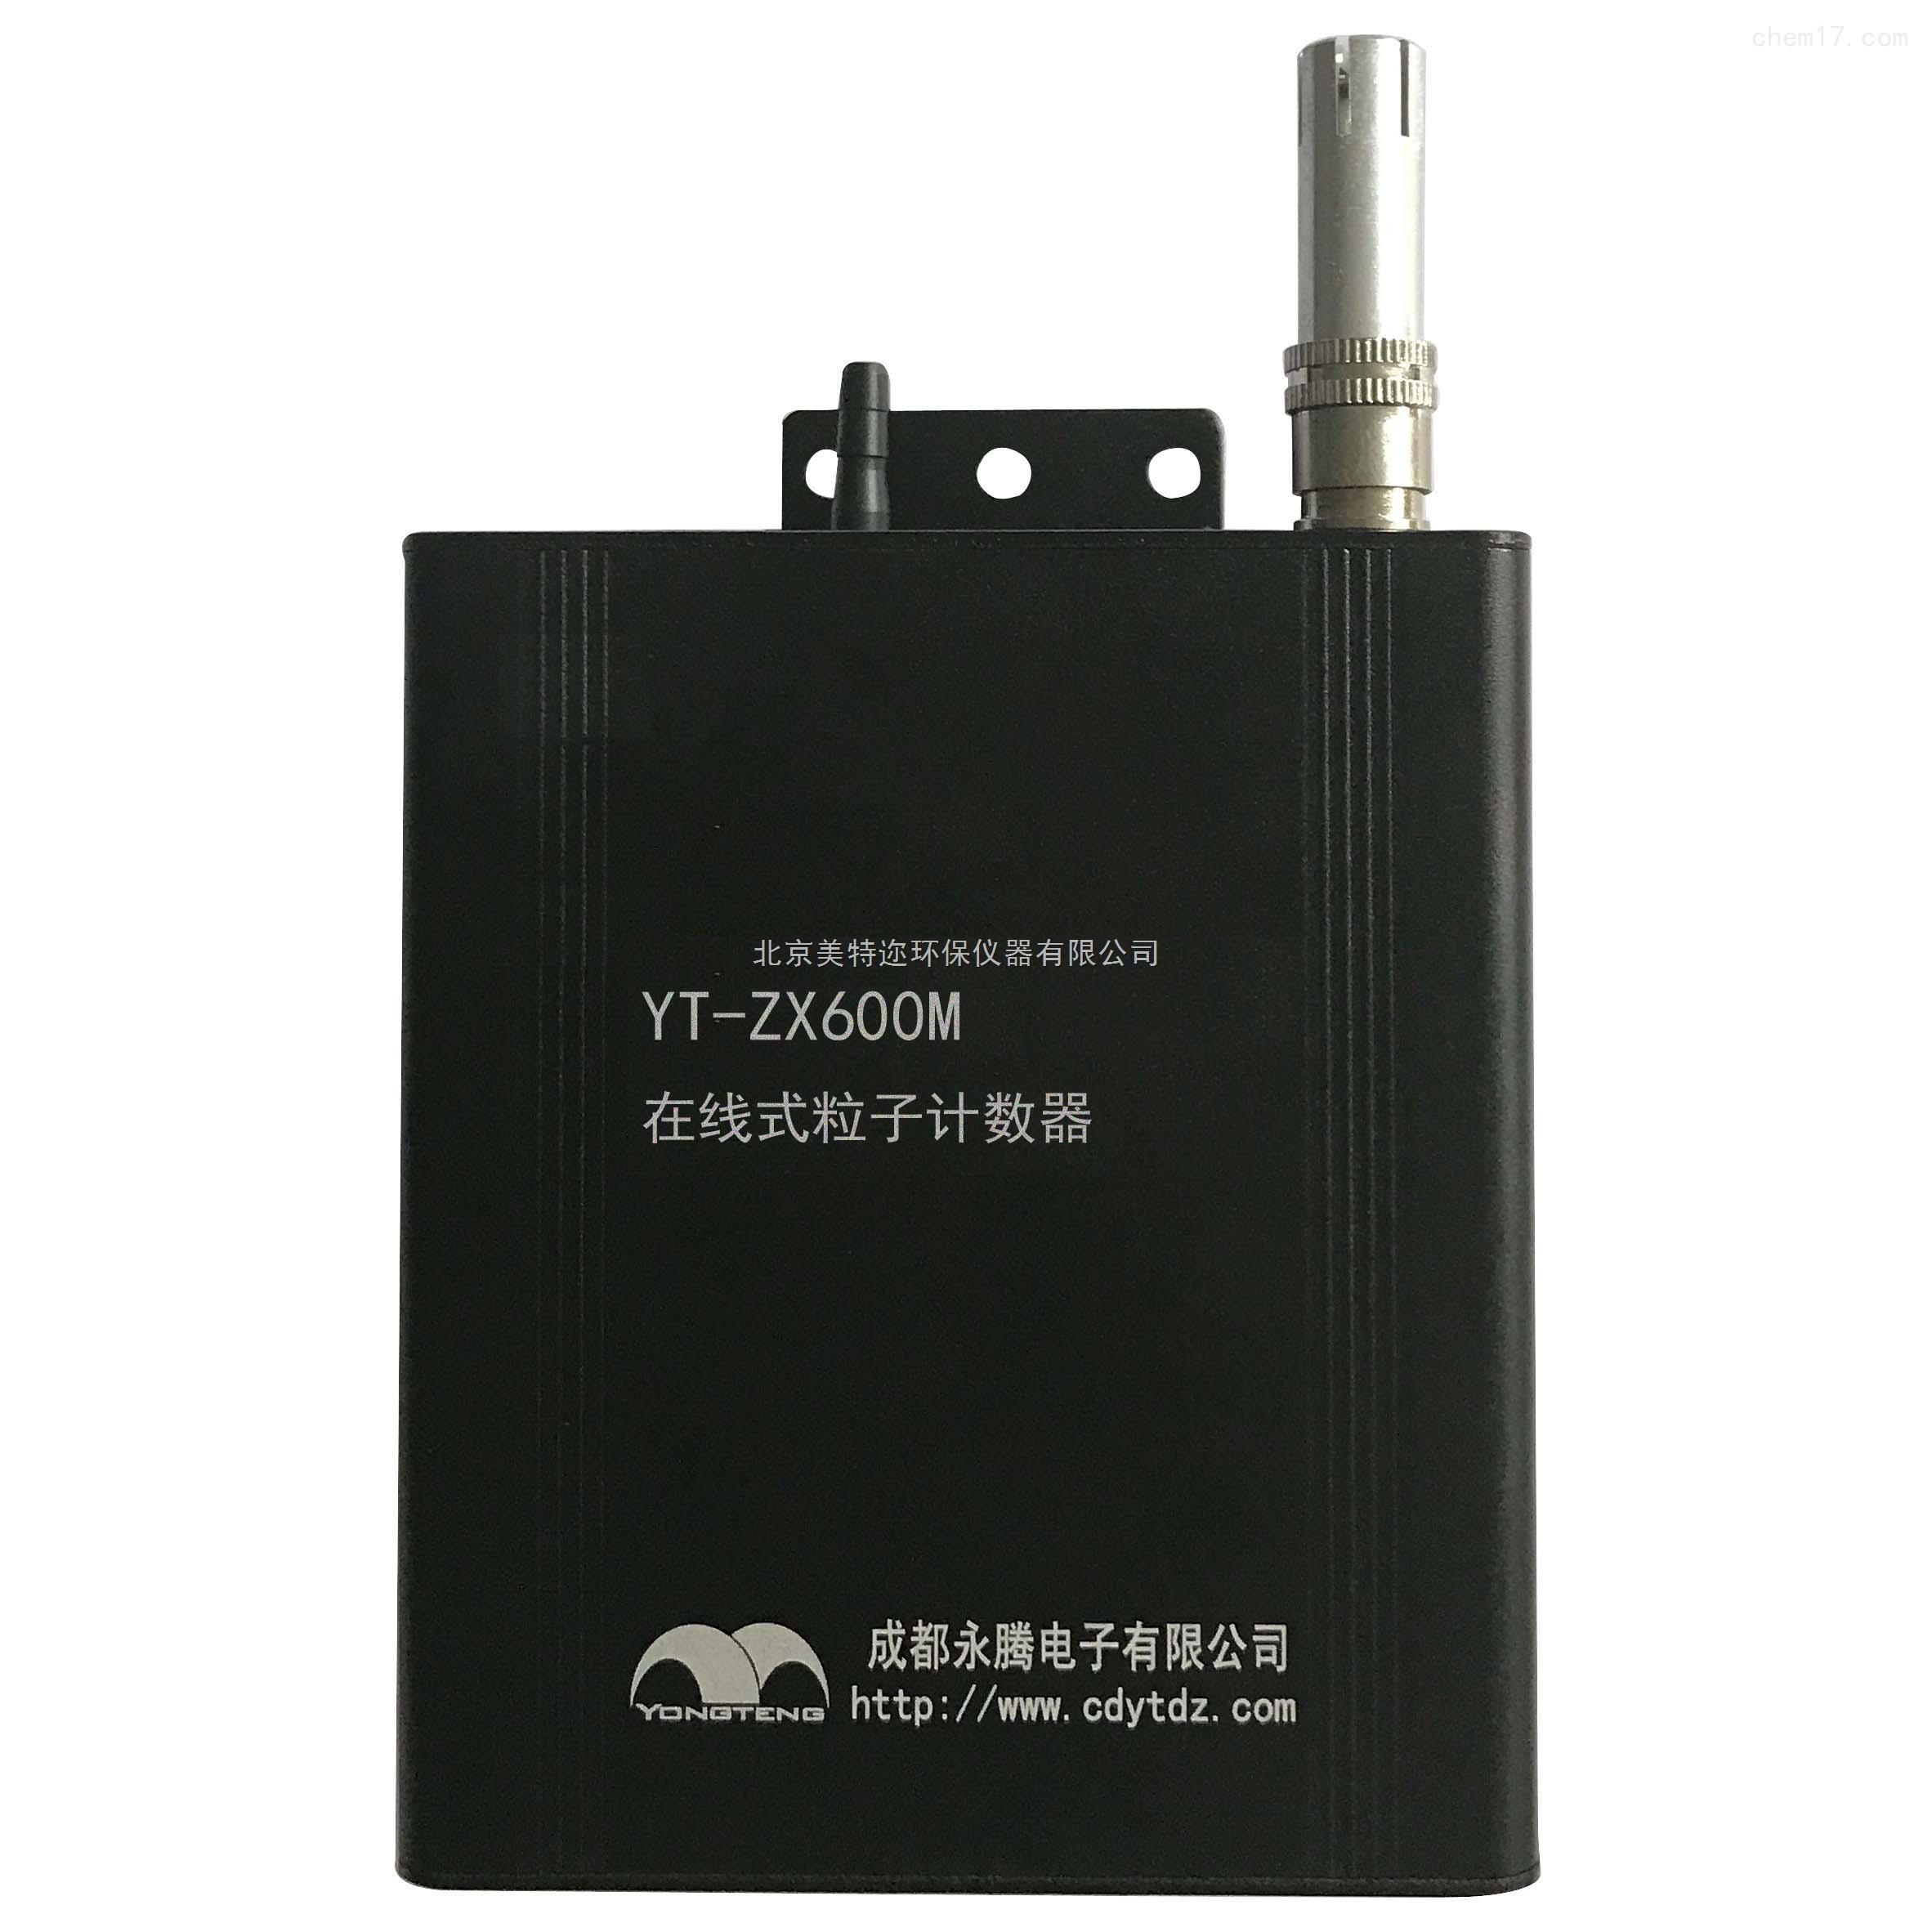 YT-ZX600M在线式粒子计数器厂家直销